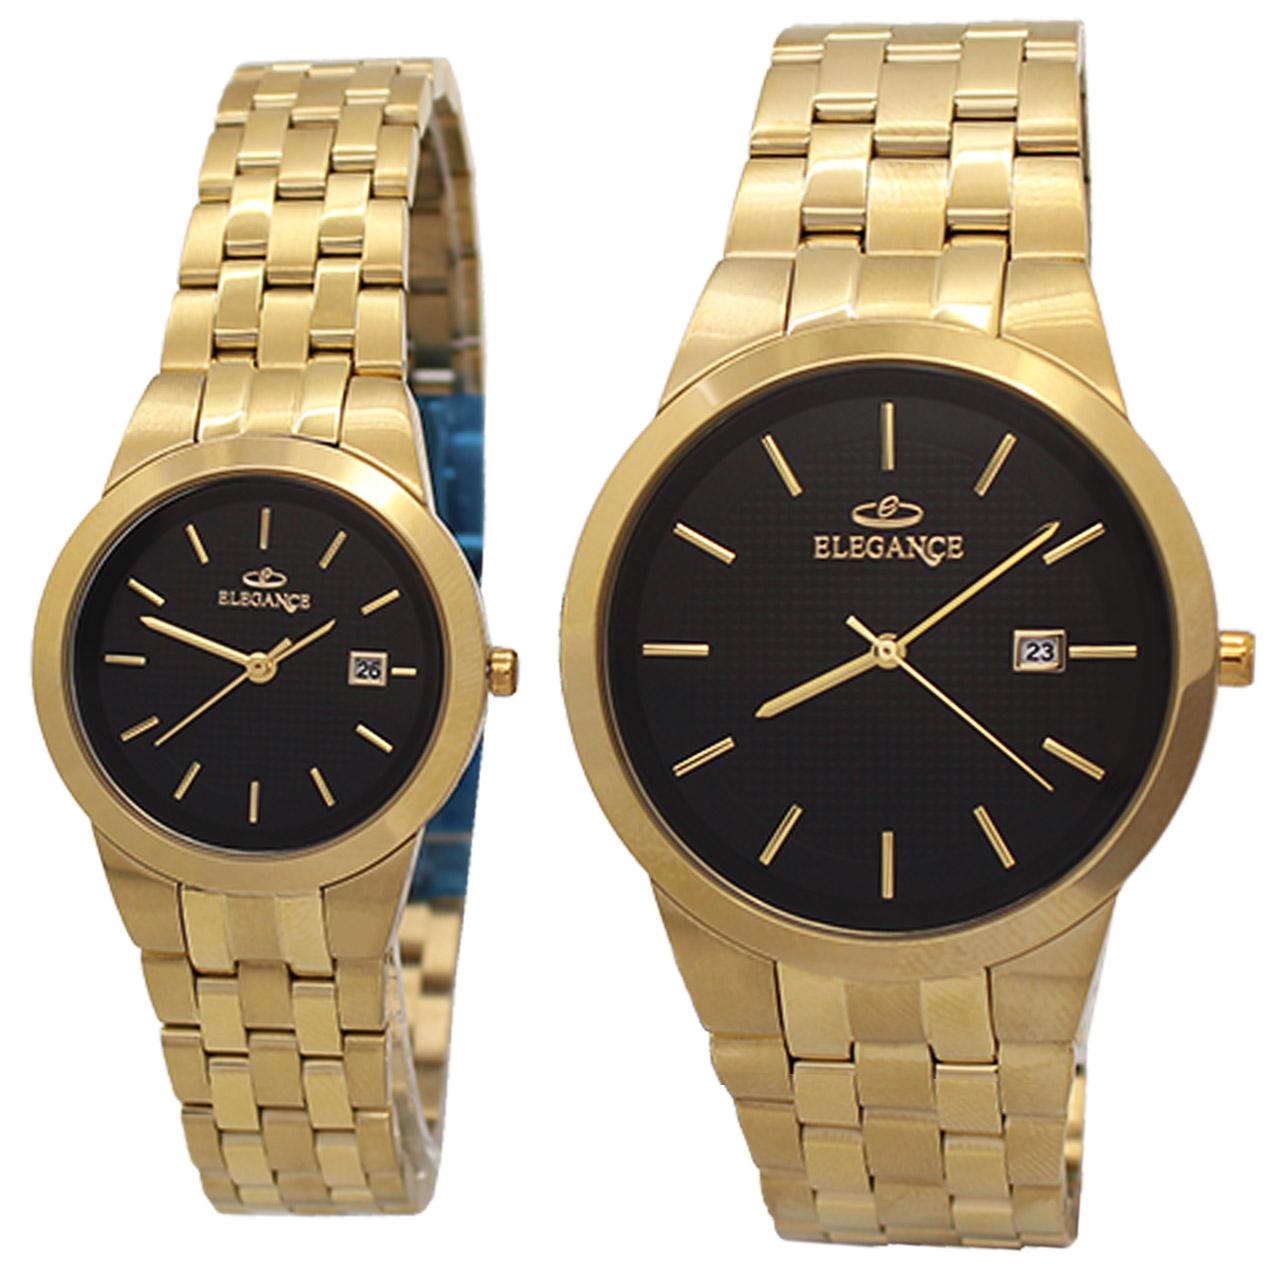 ساعت ست مردانه و زنانه الگانس مدل R1162G کد SU-0008 44